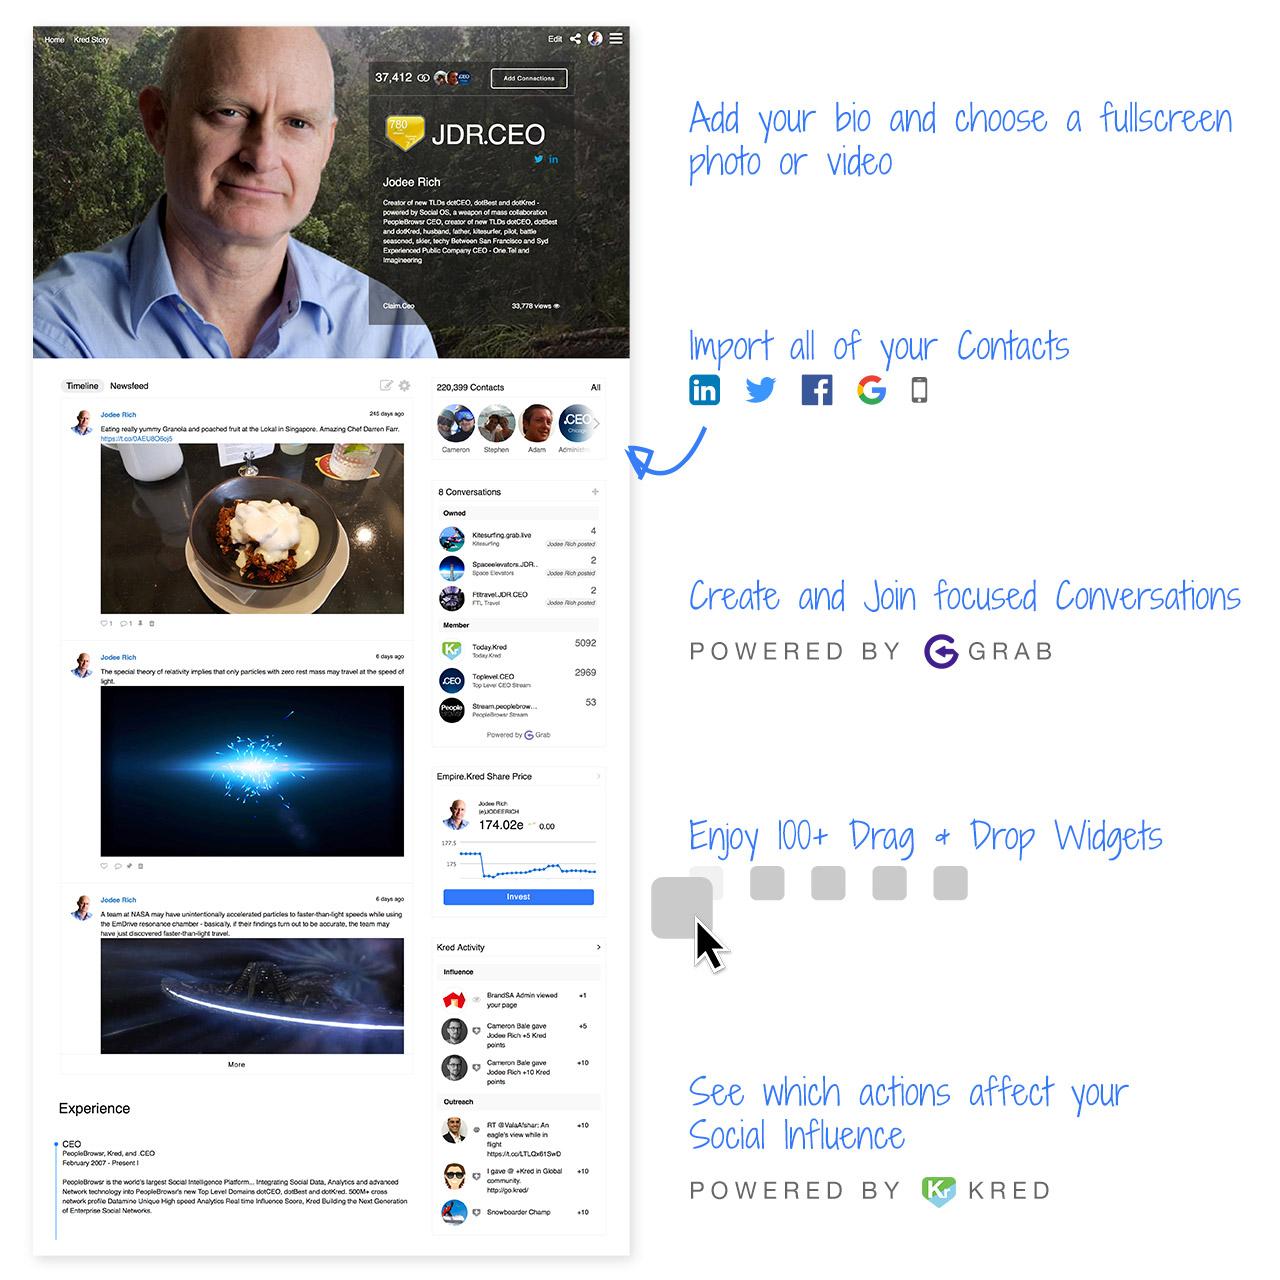 LION-Profile-JDR.CEO.jpg